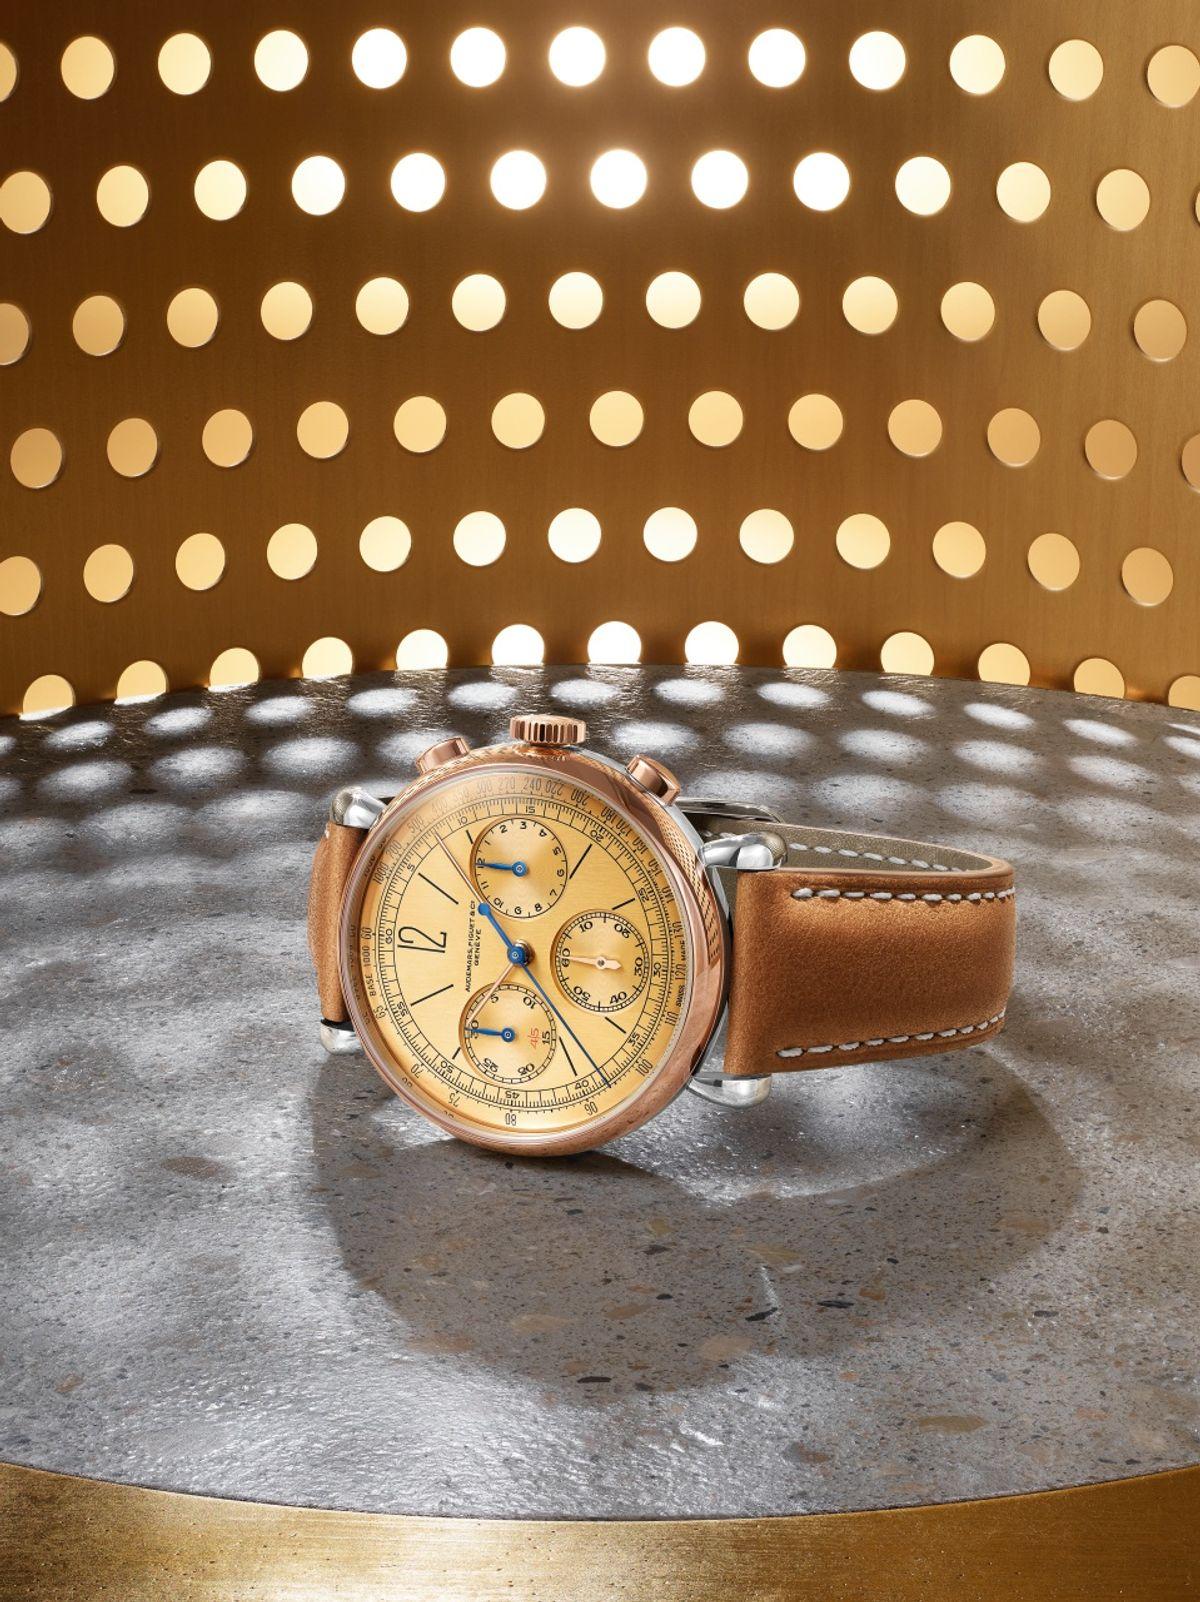 New 2020 Audemars Piguet [Re]master01 Chronograph vintage 1943